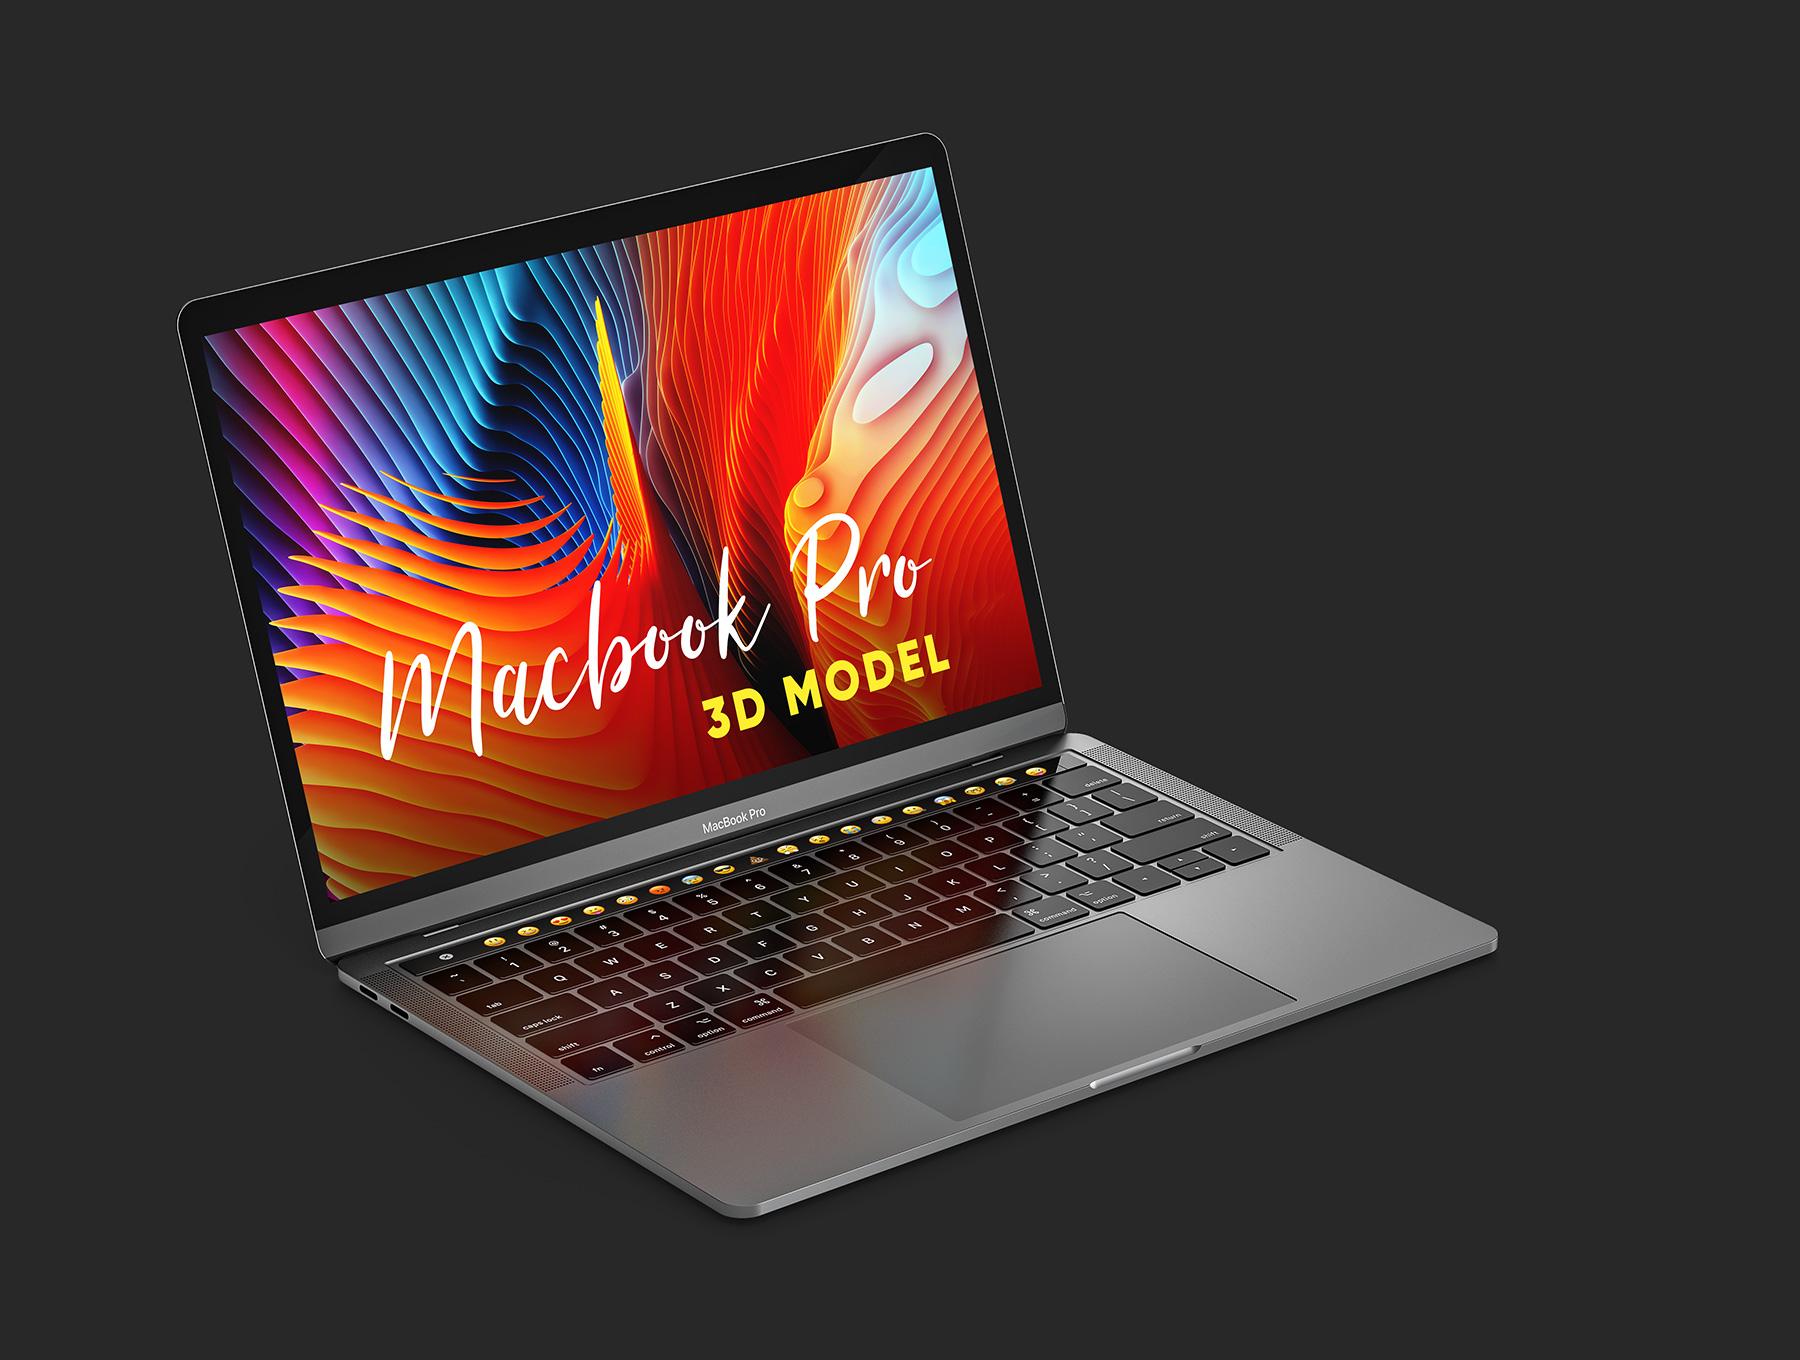 新款MacBook Pro模型C4D素材文件下载